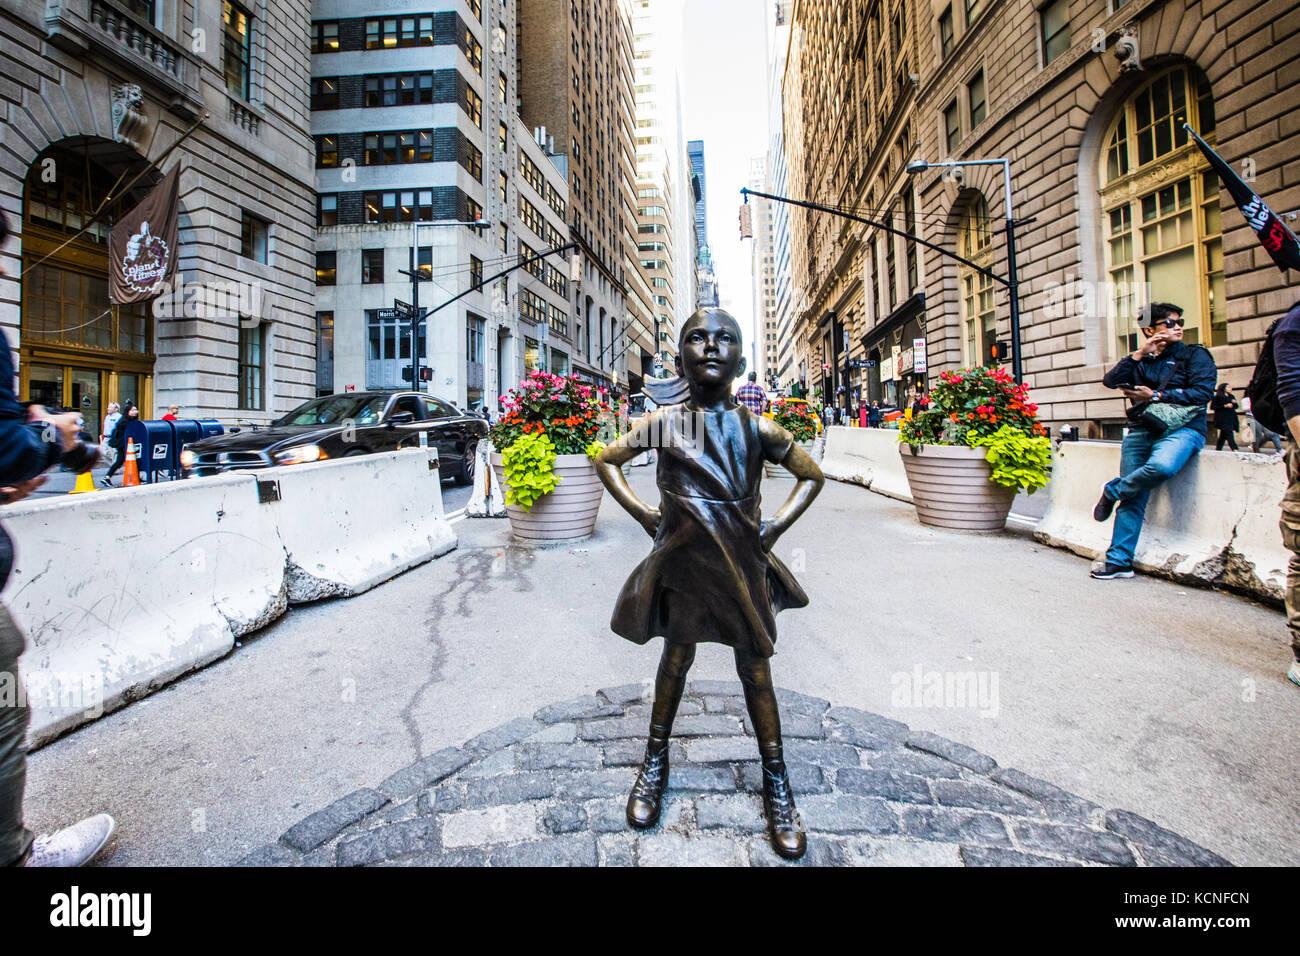 Fearless Girl, bronze sculpture by Kristen Visbal, downtown Manhattan, New York City - Stock Image